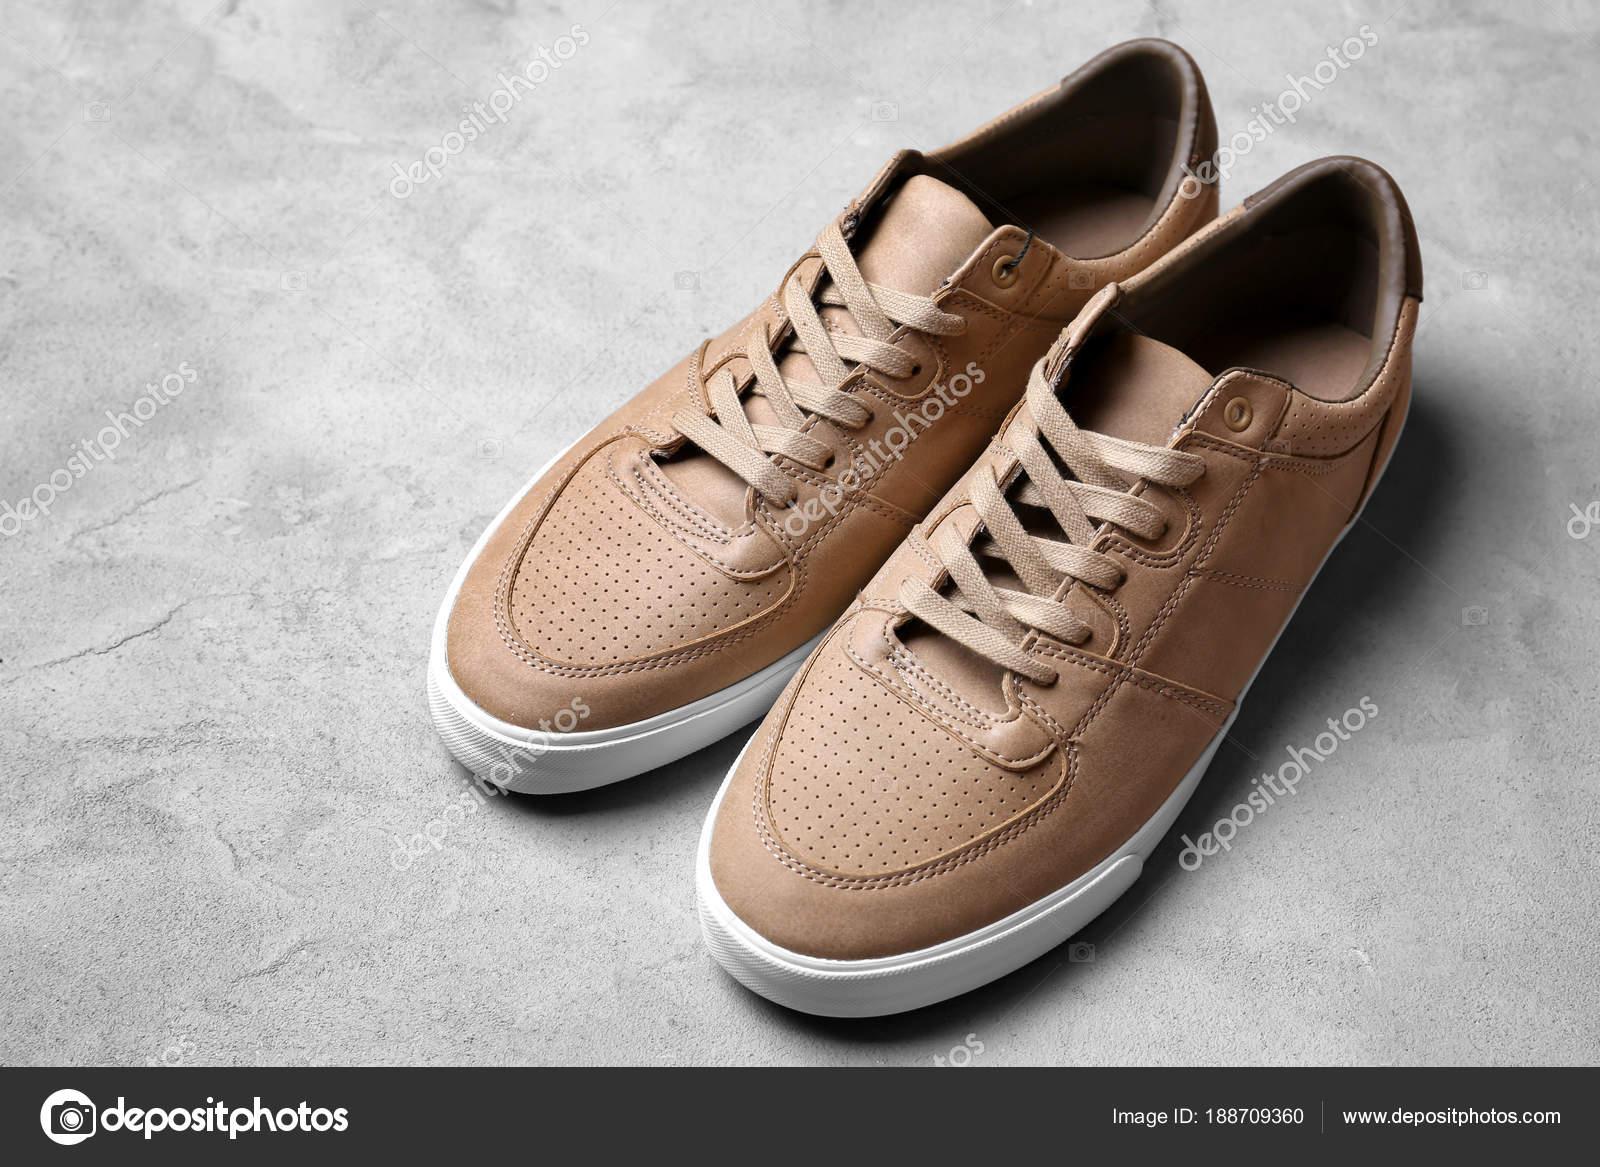 9e930b3b5aad Стильная мужская обувь на сером фоне — Стоковое фото © belchonock ...